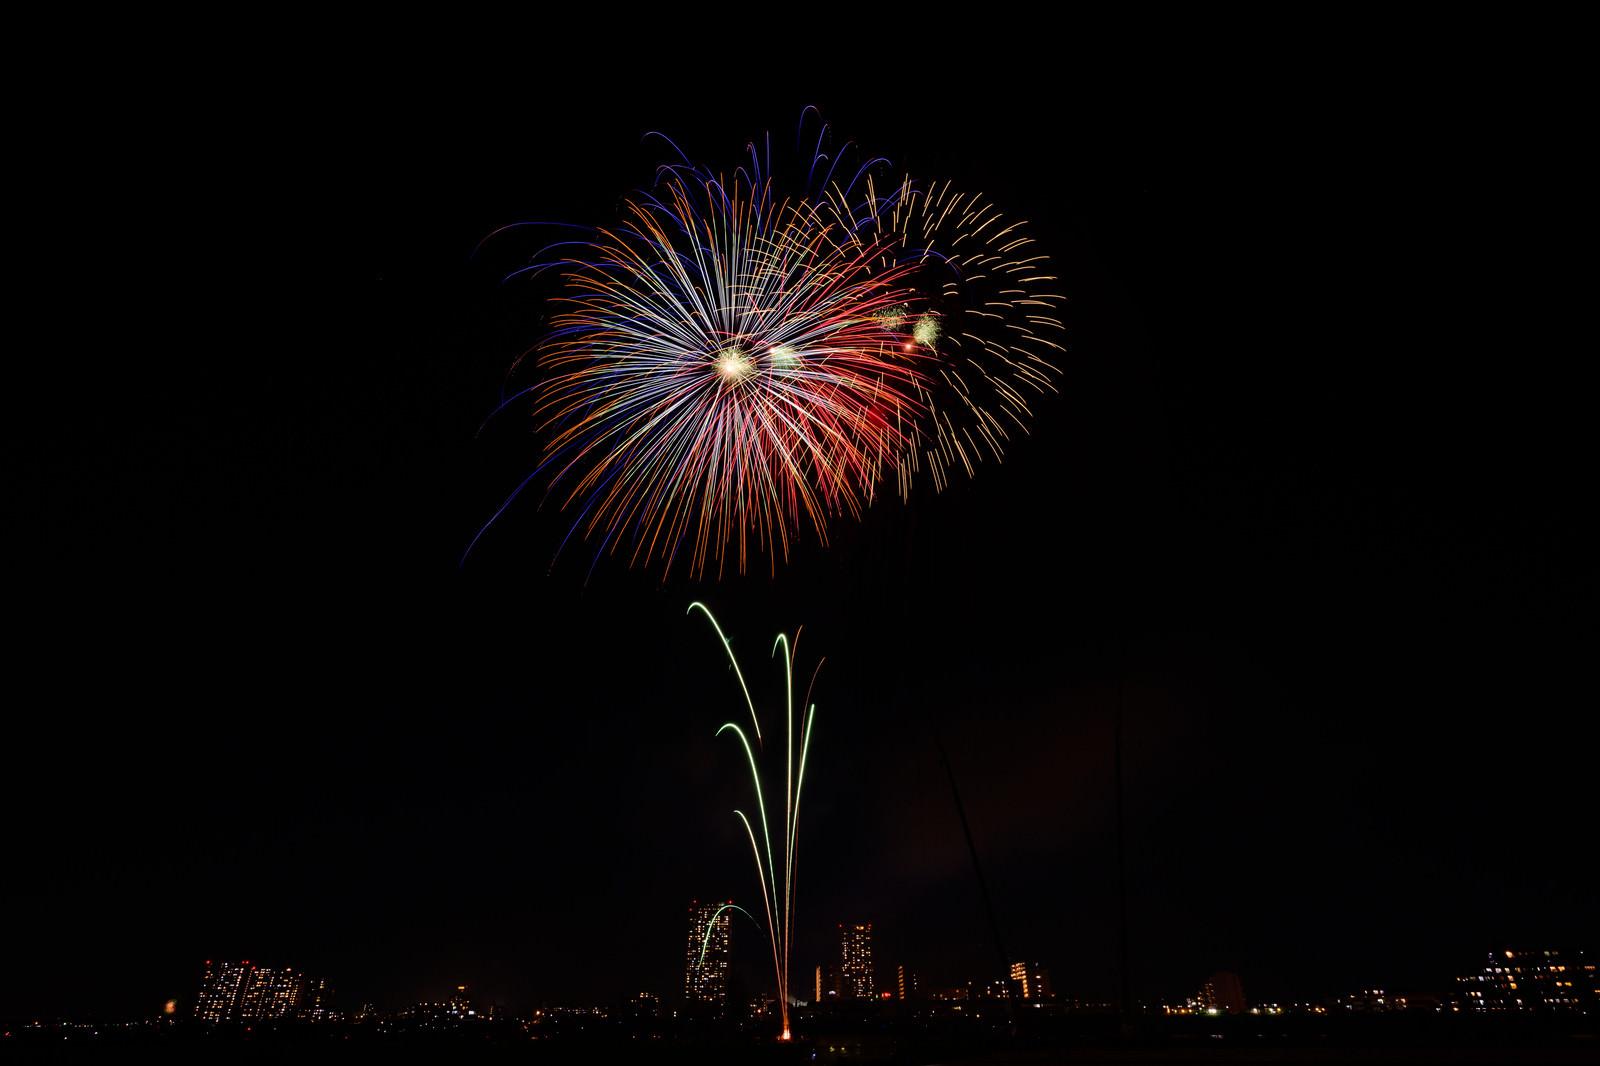 「ポン ポン ポン と打ち上がる花火」の写真